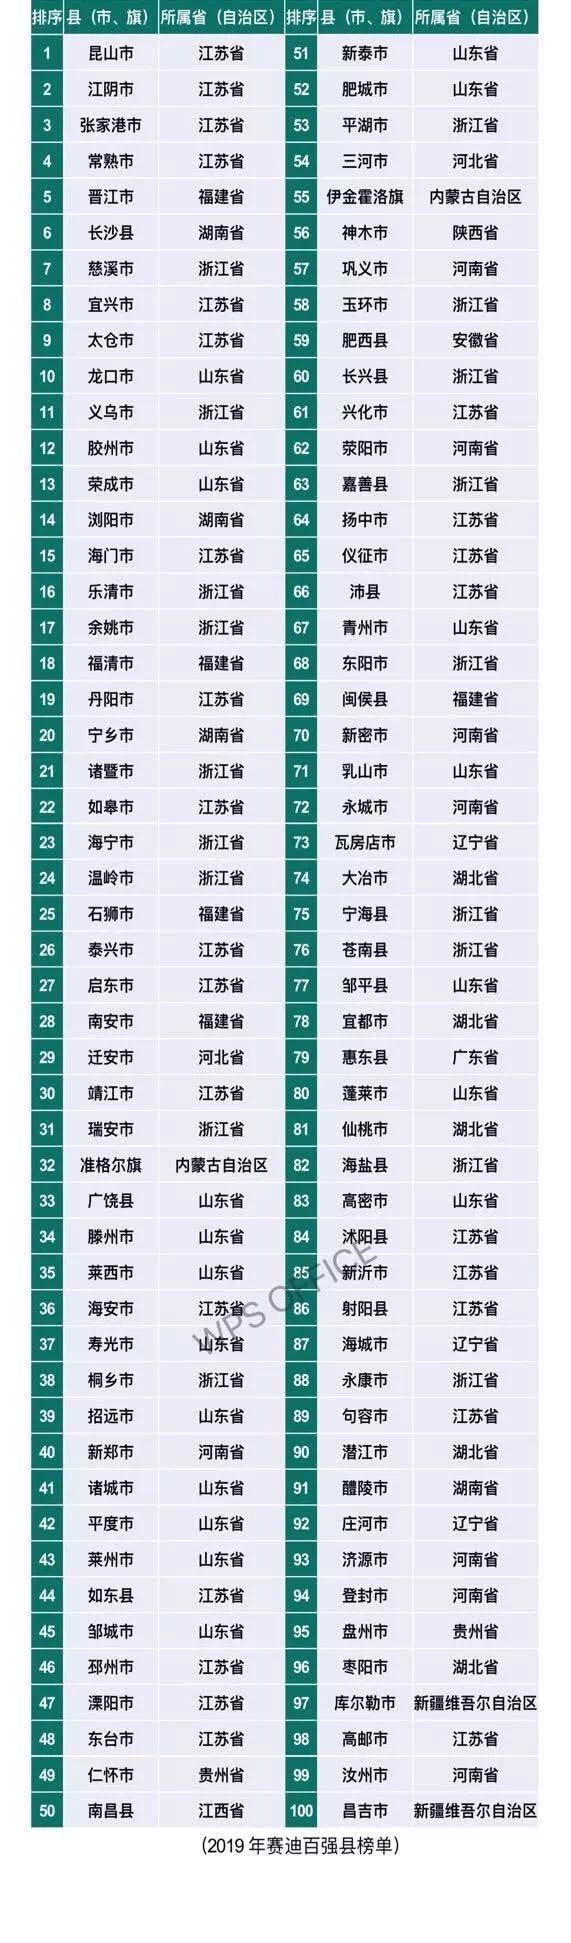 最新全国百强县放榜:江苏昆山第一,中部地区上榜数上升